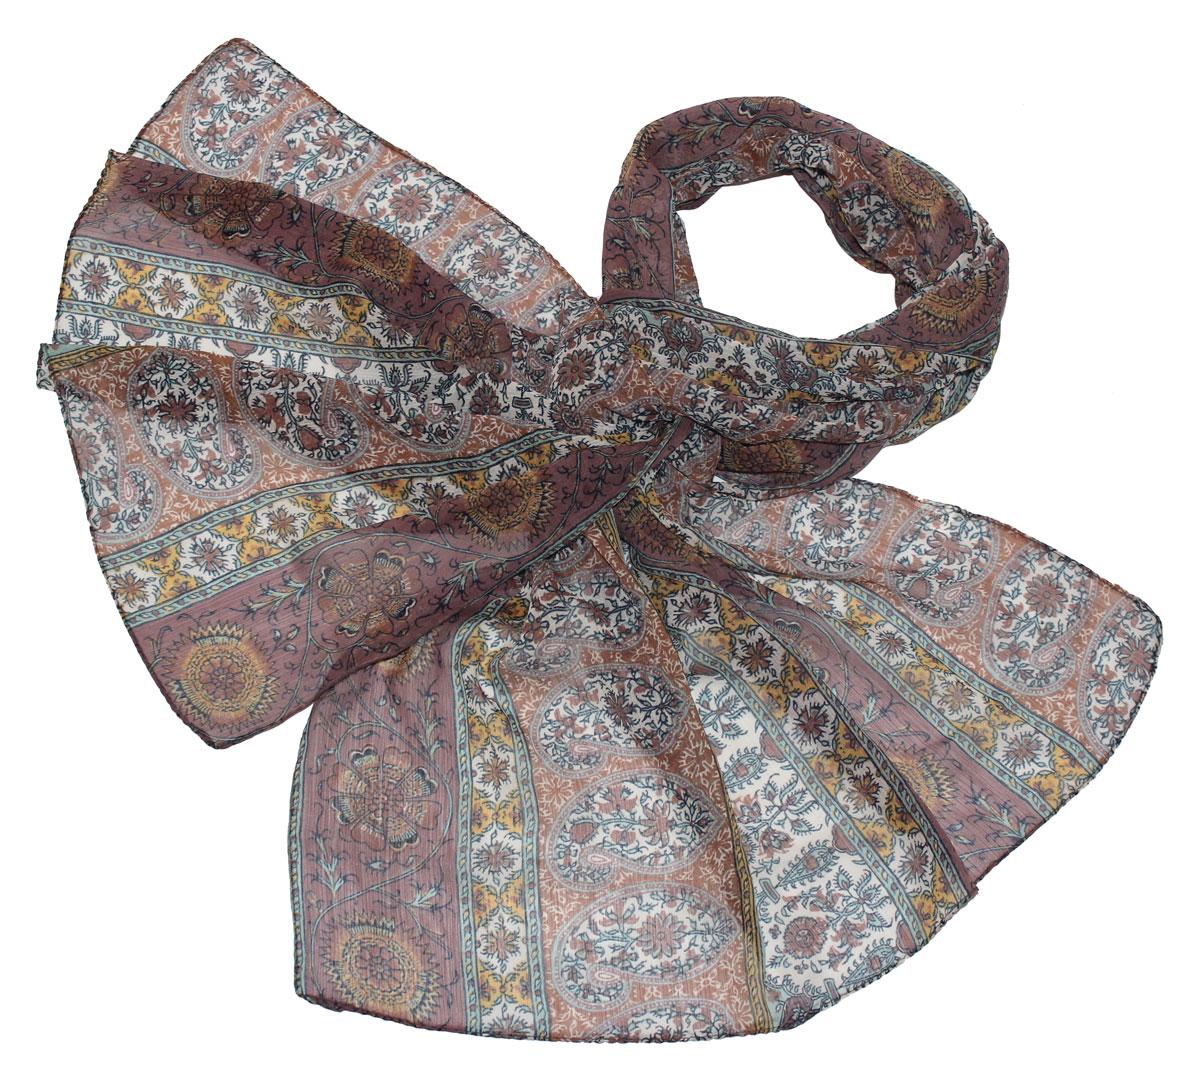 Шарф женский Ethnica, цвет: коричневый, горчичный. 262040. Размер 50 см х 170 см262040Стильный шарф привлекательной расцветки изготовлен из 100% вискозы. Он удачно дополнит ваш гардероб и поможет создать новый повседневный образ, добавить в него яркие краски. Отличный вариант для тех, кто стремится к самовыражению и новизне!